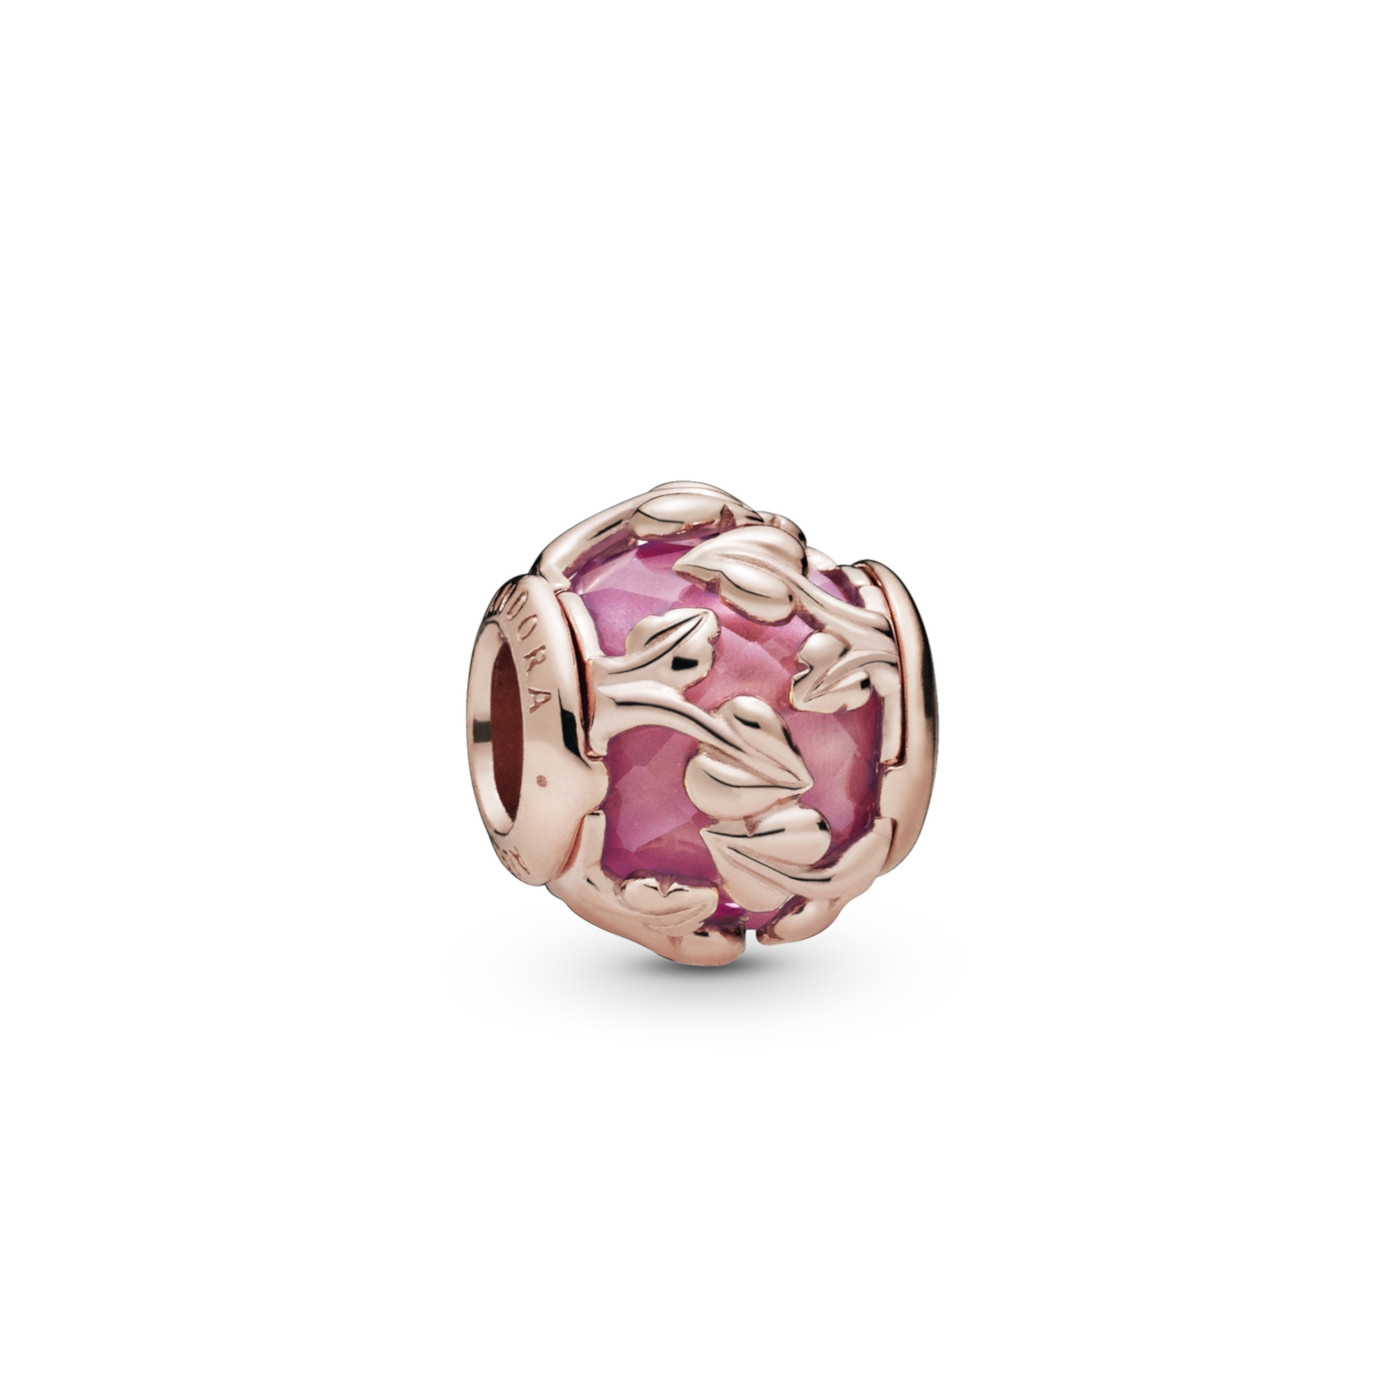 Pandora Moments 925 Sterling Zilveren Roségoudkleurige Leaves Bedel 788238SSP